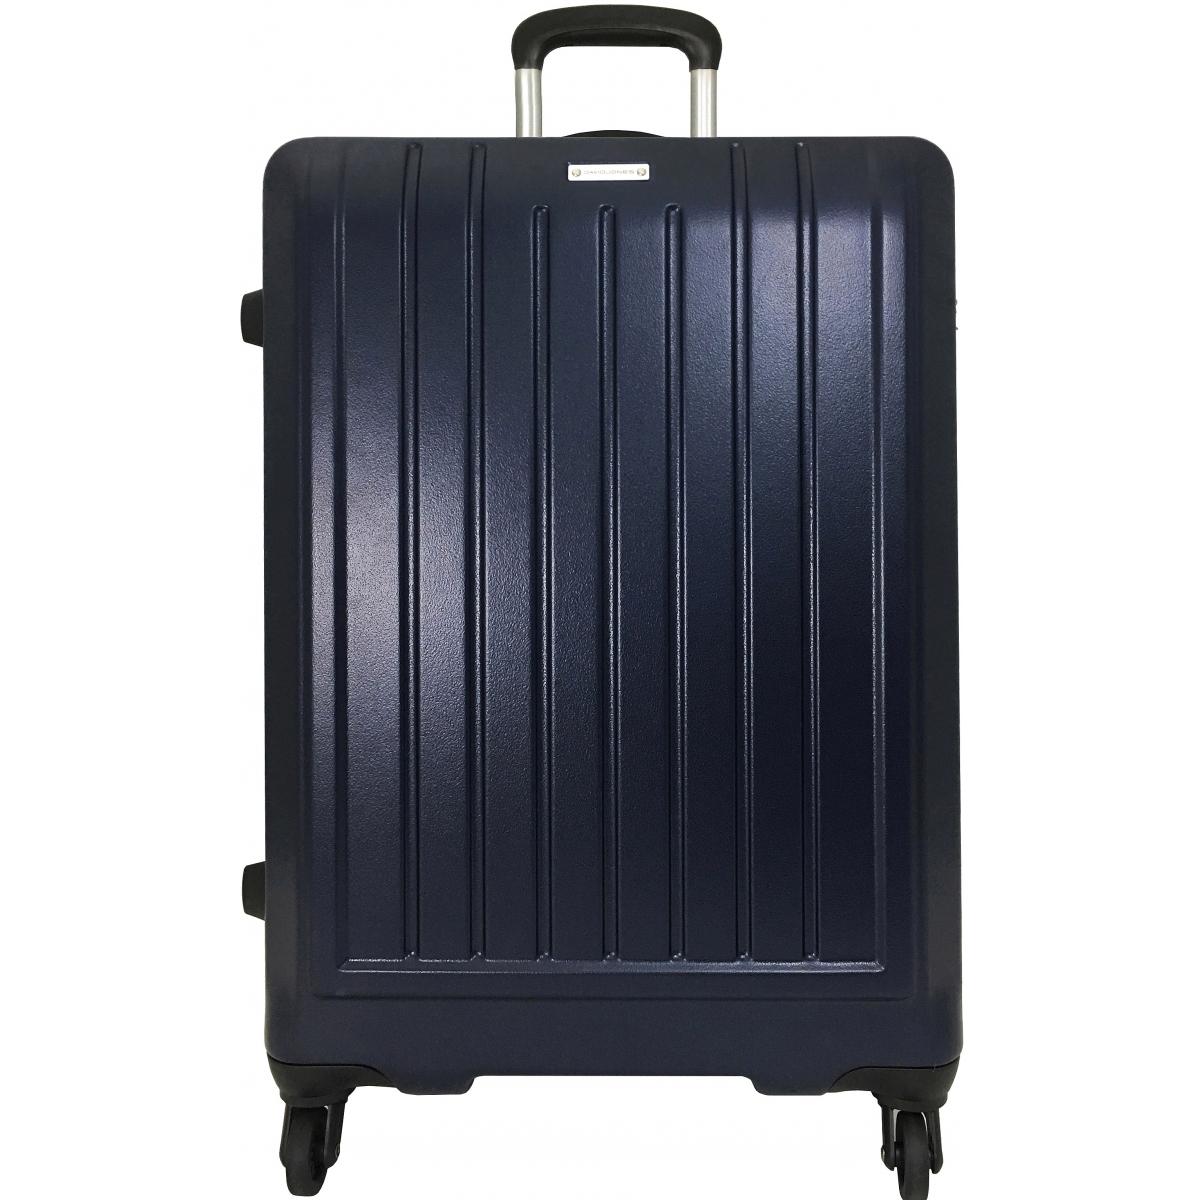 Valise Grande Taille Pas Cher : valise rigide david jones abs 76 cm grande taille ba10151g bleu couleur principale blue ~ Melissatoandfro.com Idées de Décoration